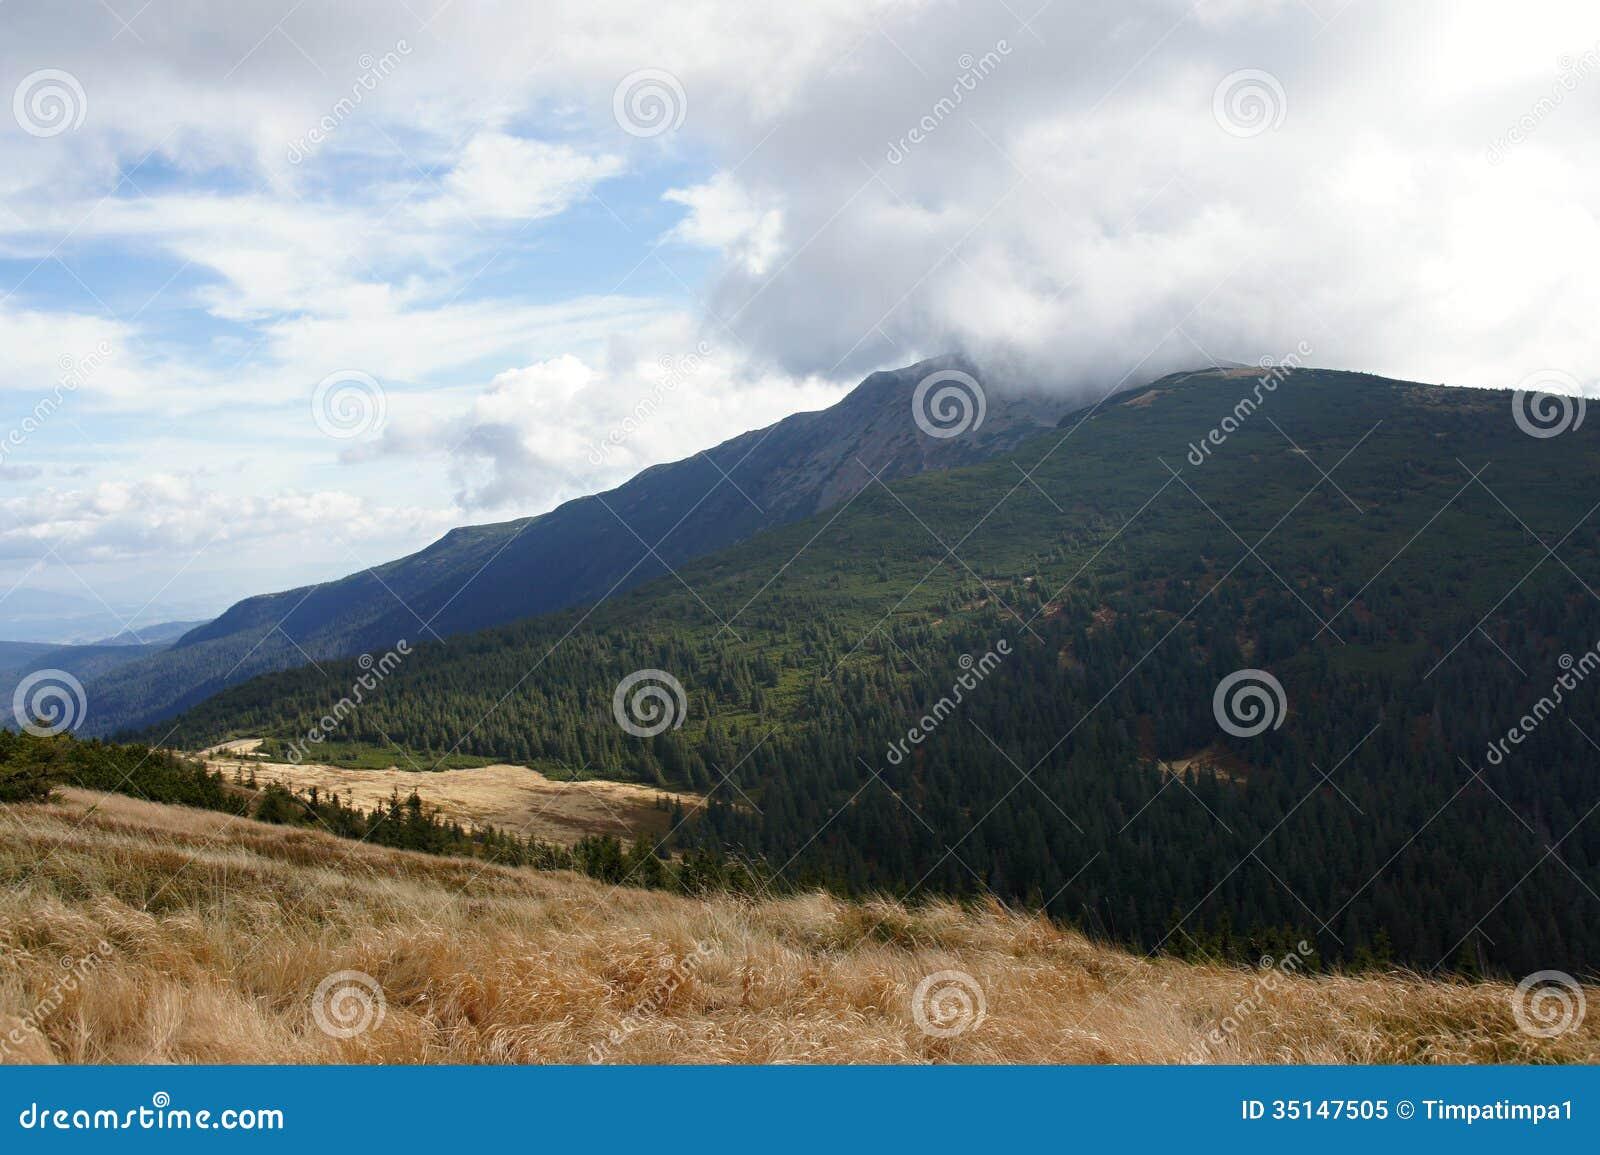 Babia hora 1725 m in clouds, Orava